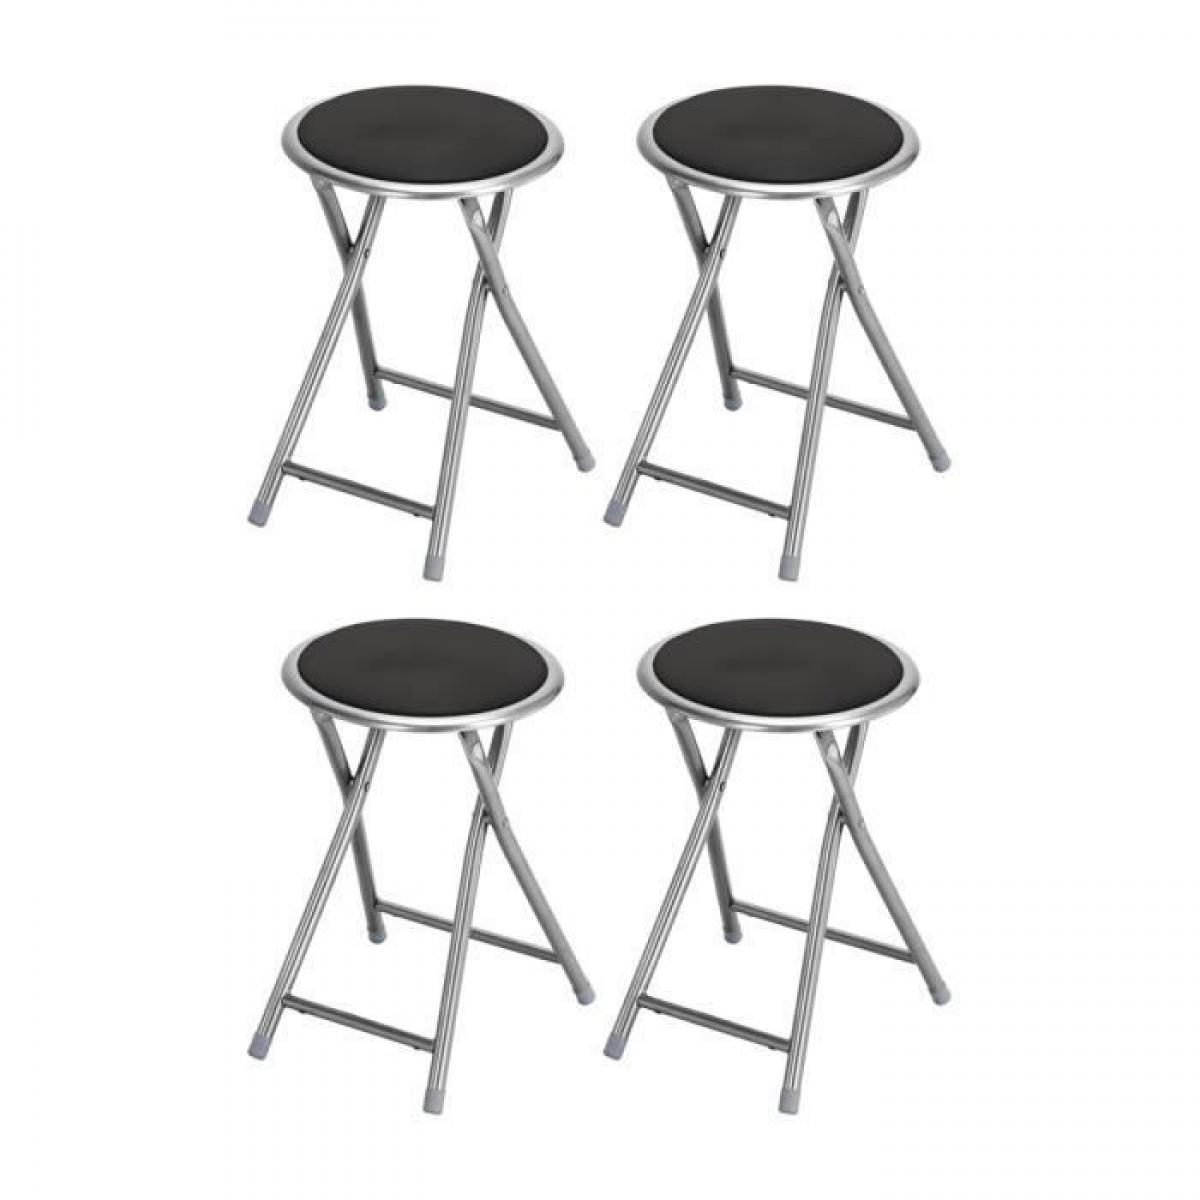 Sans Marque Lot de 4 tabourets pliant noir - Pieds en metal - L 30 x P 30 x H 45 cm - PLUTO